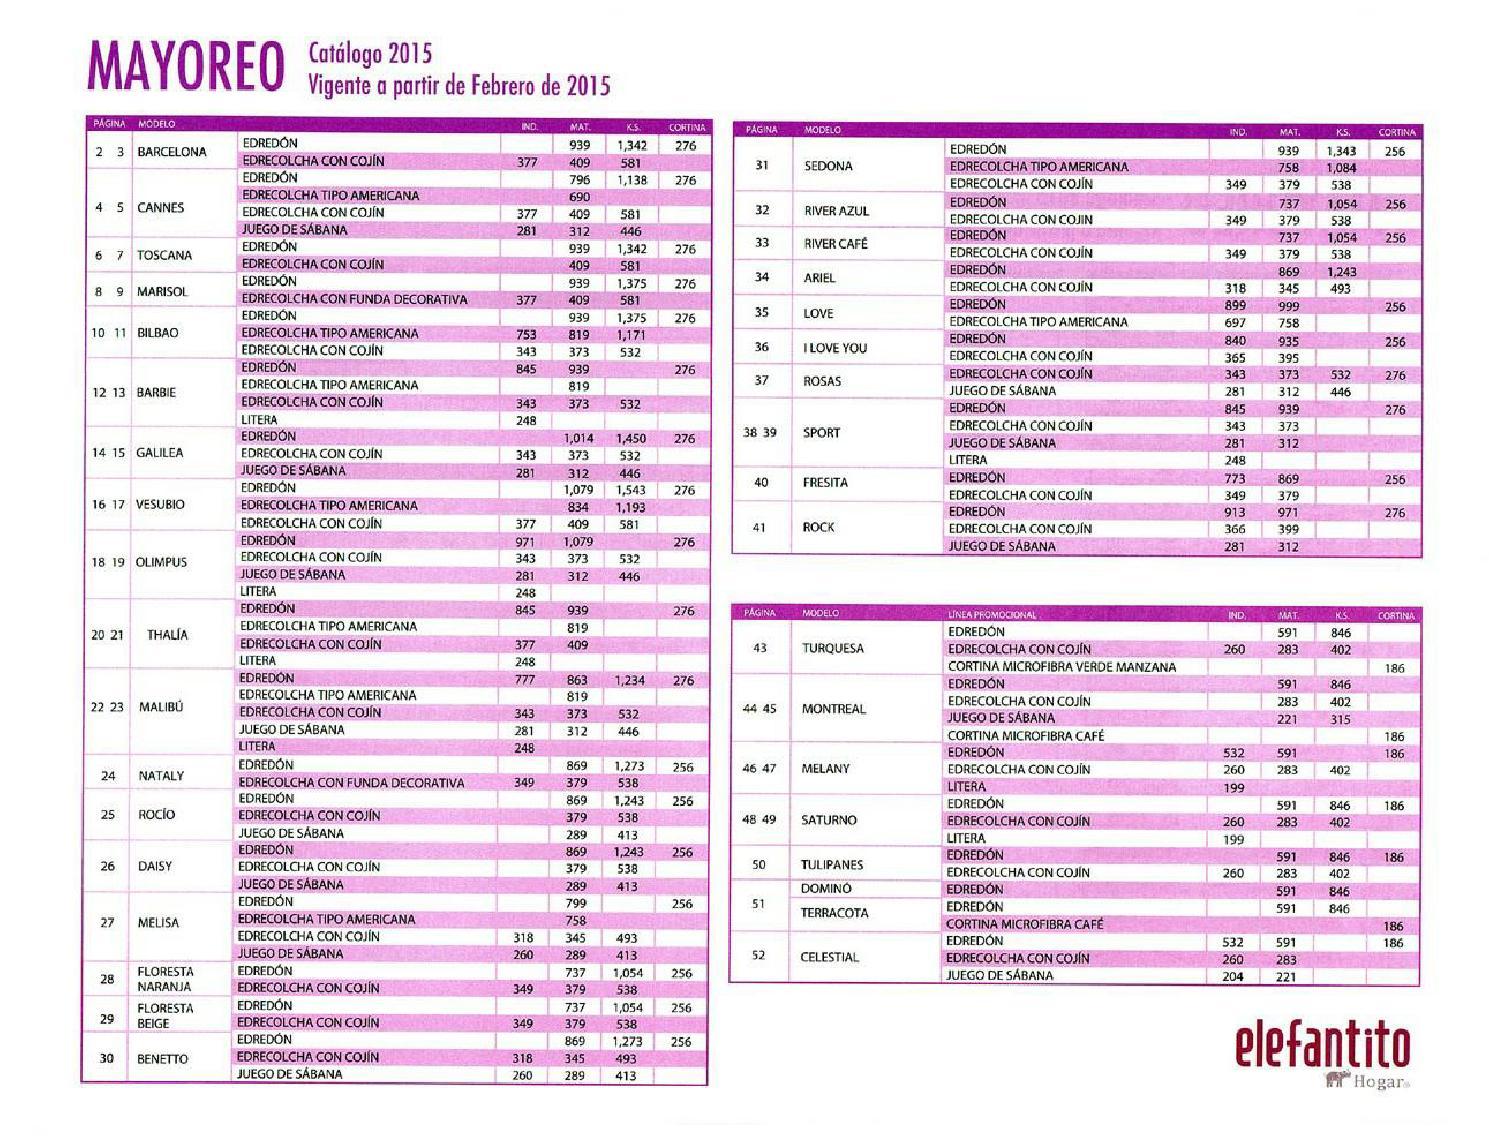 Catalogo colchas elefantito 2015 precios by www for Catalogos sofas precios